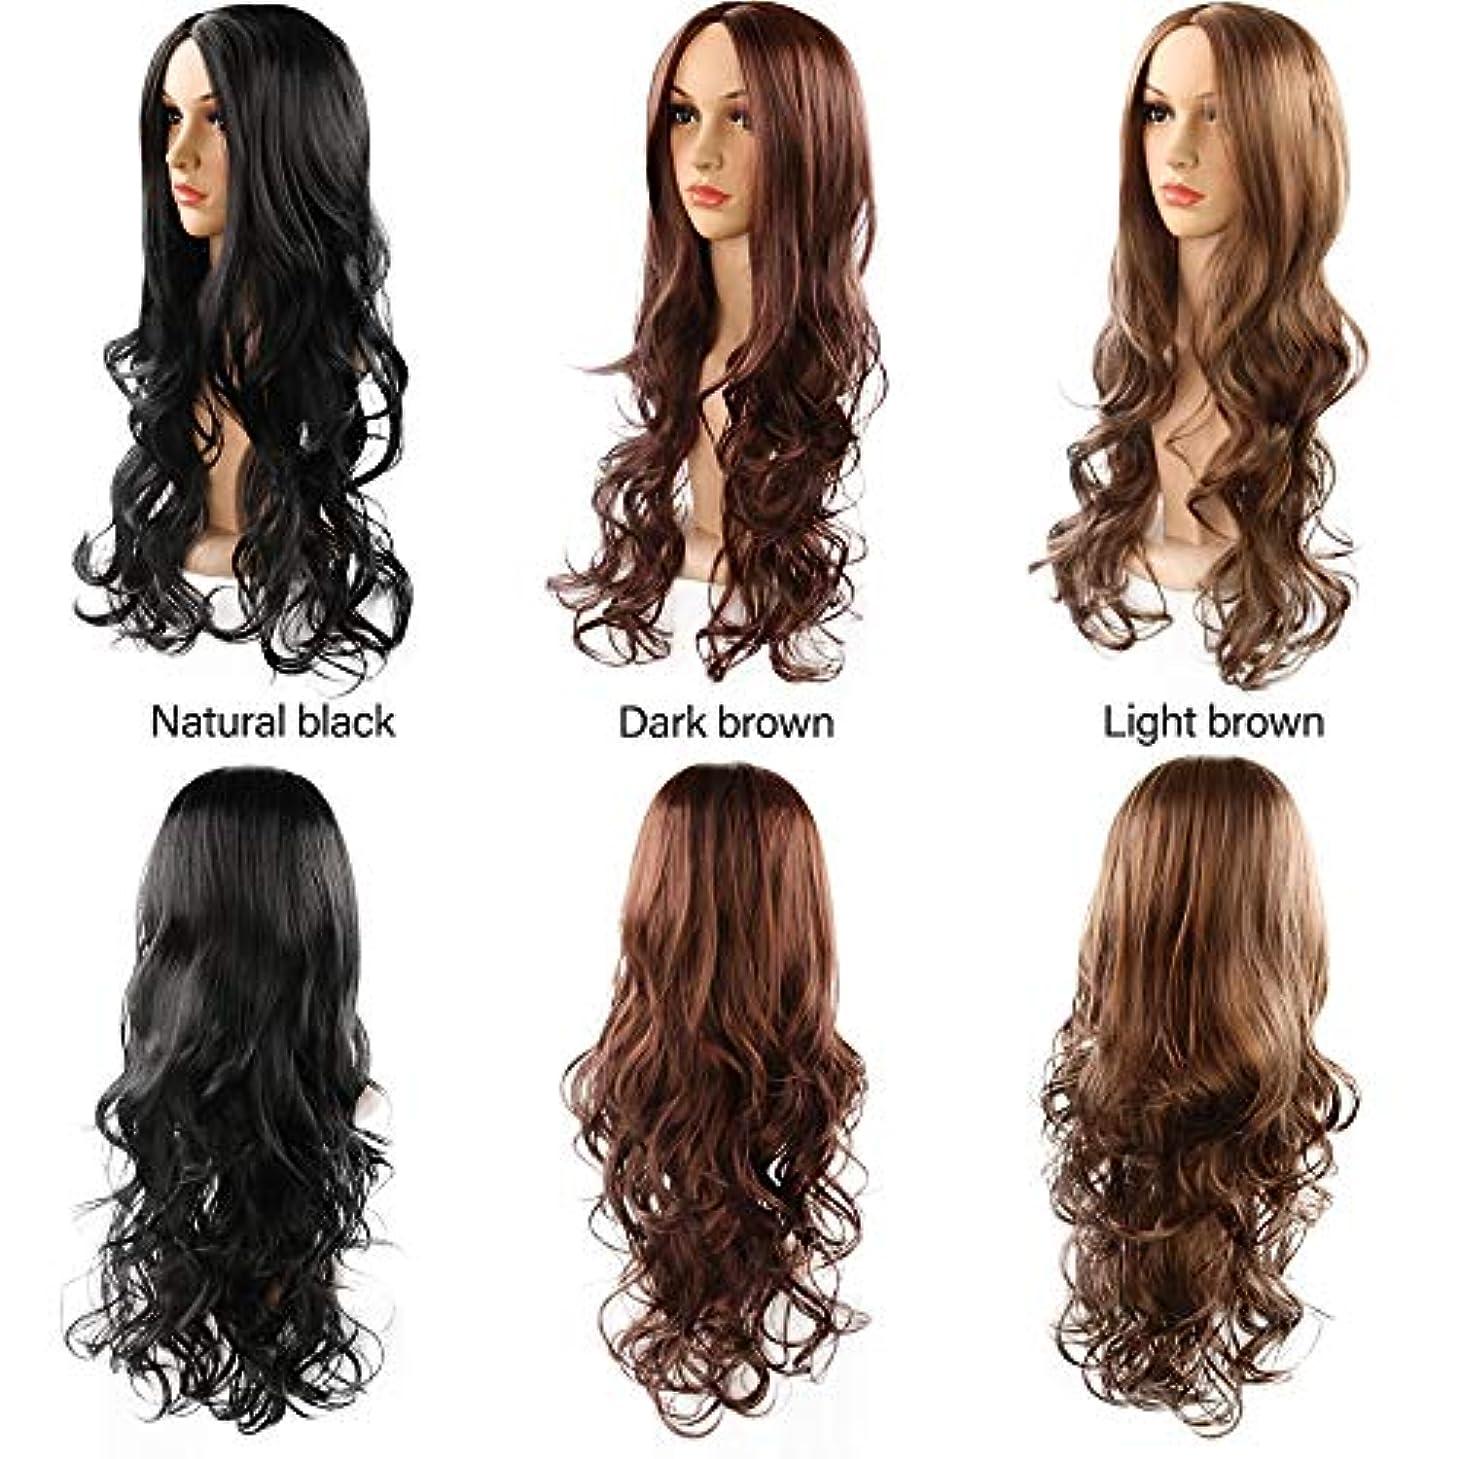 ナイトスポット哲学博士絶対の女性の長い巻き毛の波状髪かつらフリンジ26インチ魅力的な人工毛交換かつらハロウィンコスプレ衣装アニメパーティーかつら(ウィッグキャップ) (Color : Light brown)